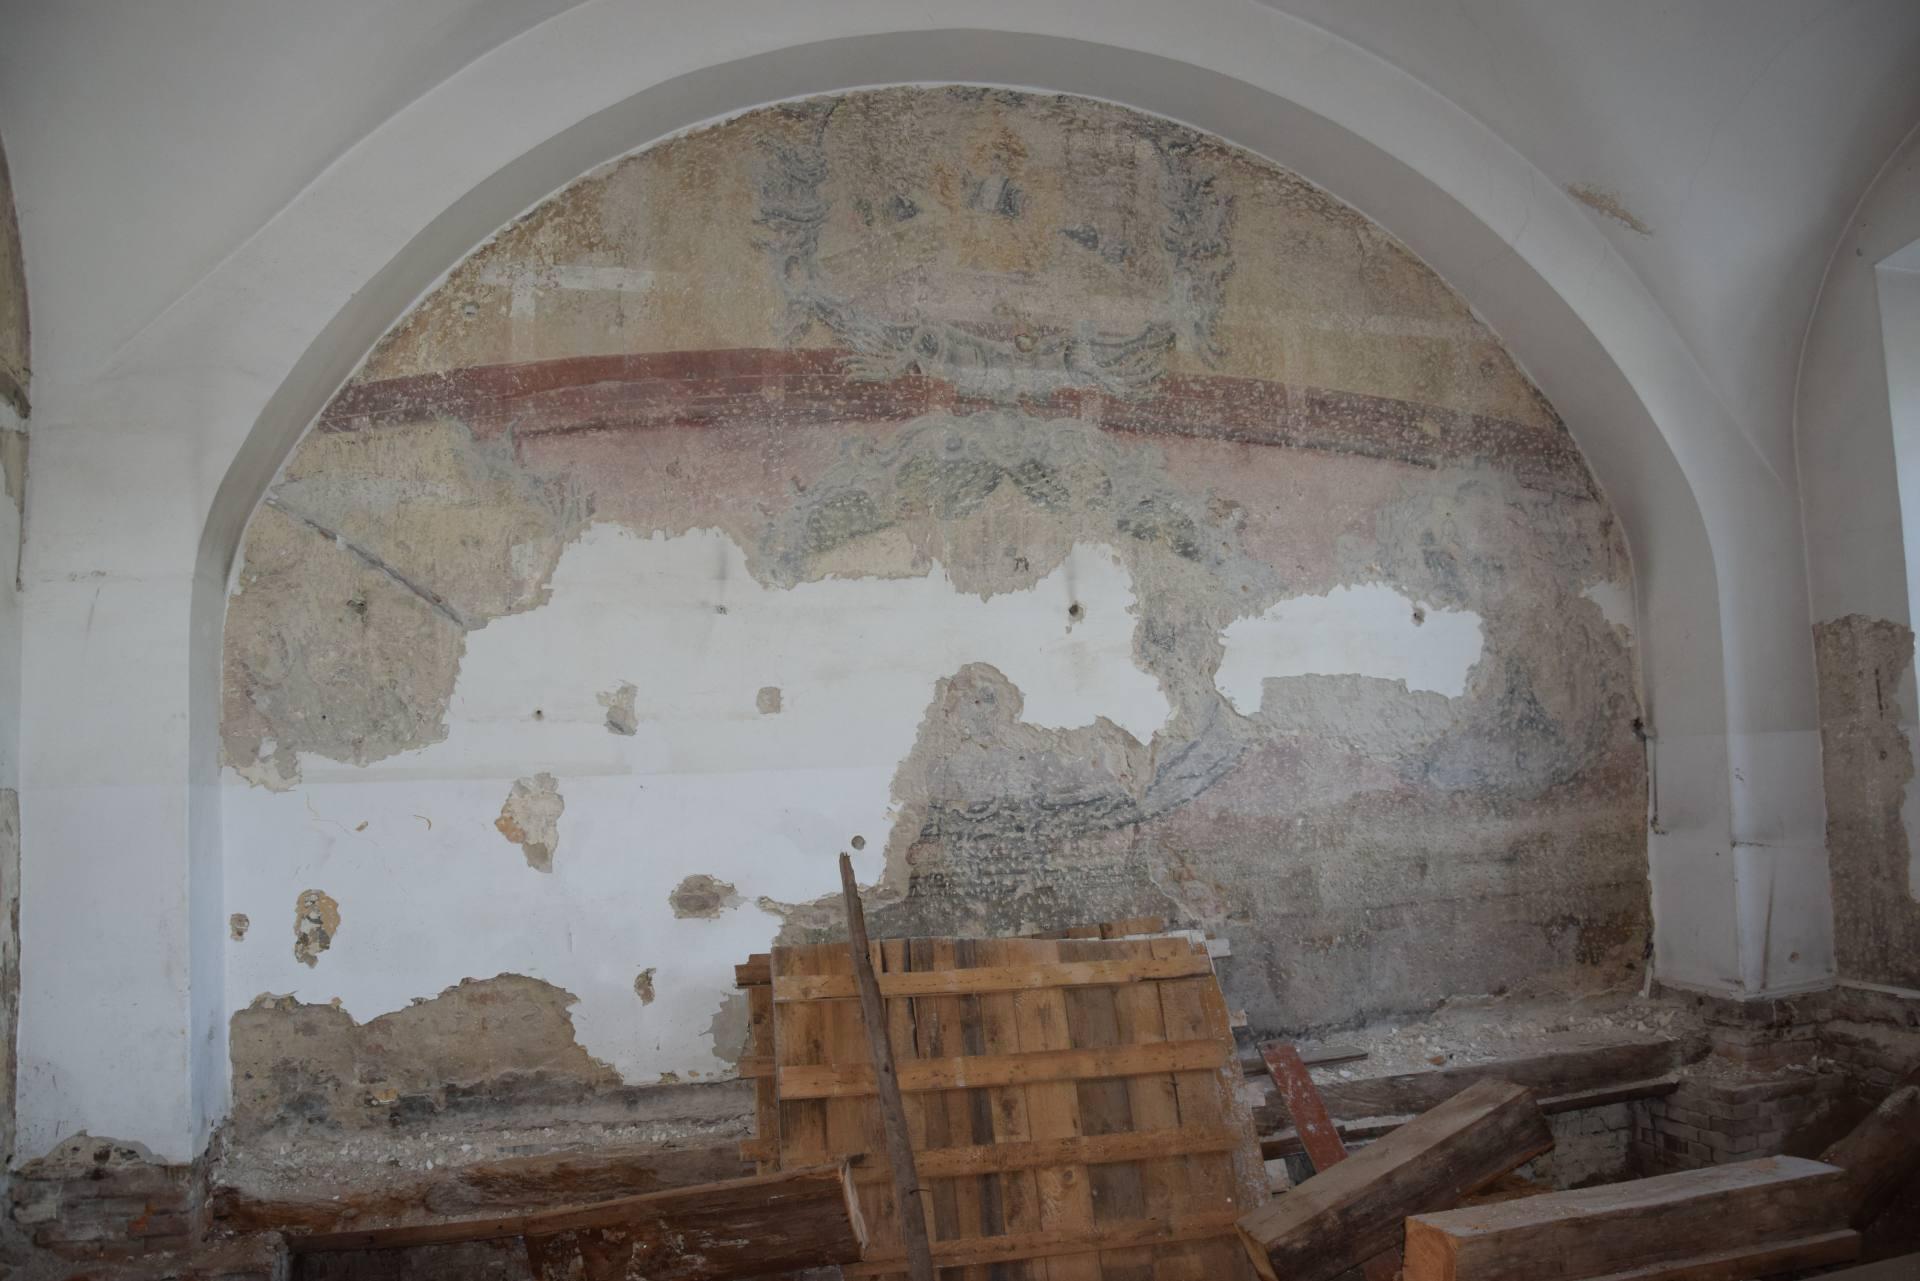 az 4 Zamość: Skarb ukryty pod tynkiem. Cenne znalezisko na ścianach remontowanej Akademii Zamojskiej [ZDJĘCIA]